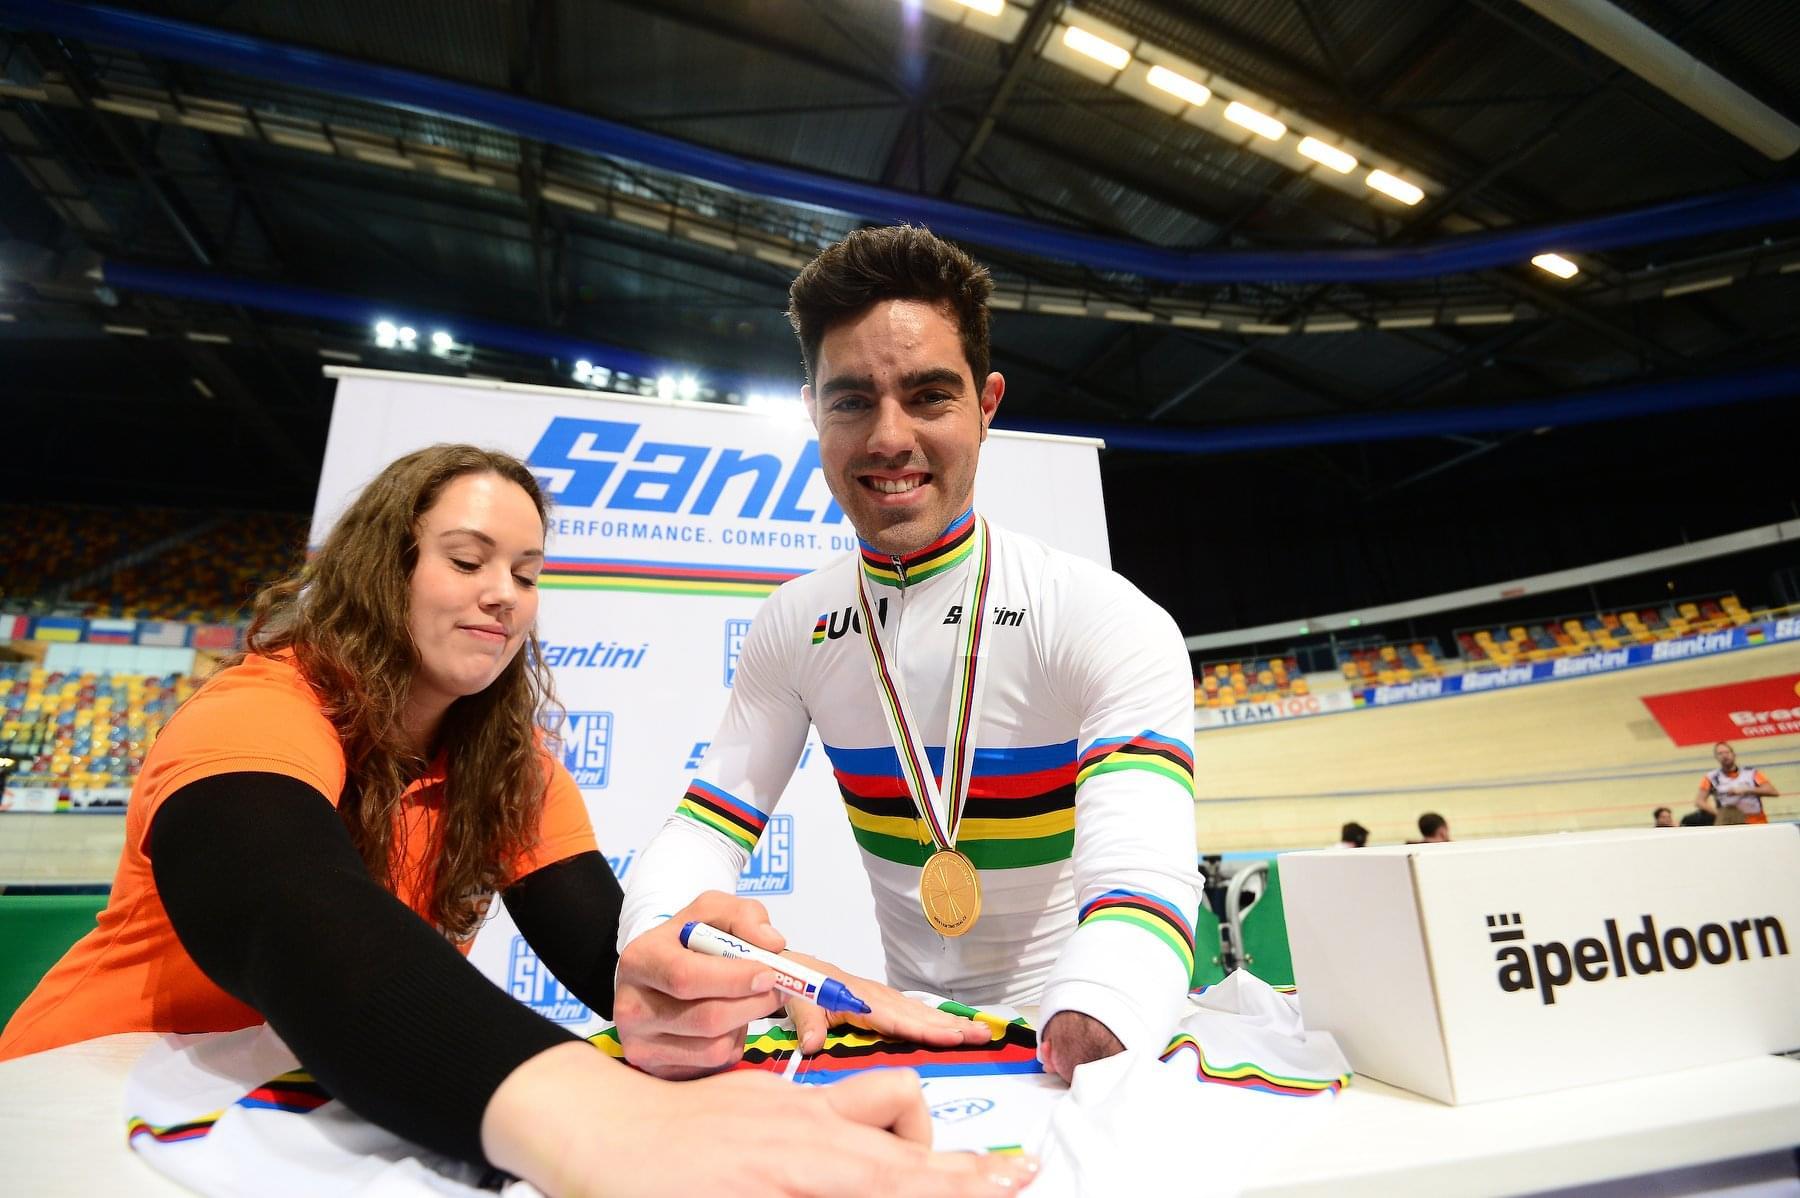 #TeamESPciclismo / Mundial Ciclismo Adaptado en Pista Apeldoorn 2019